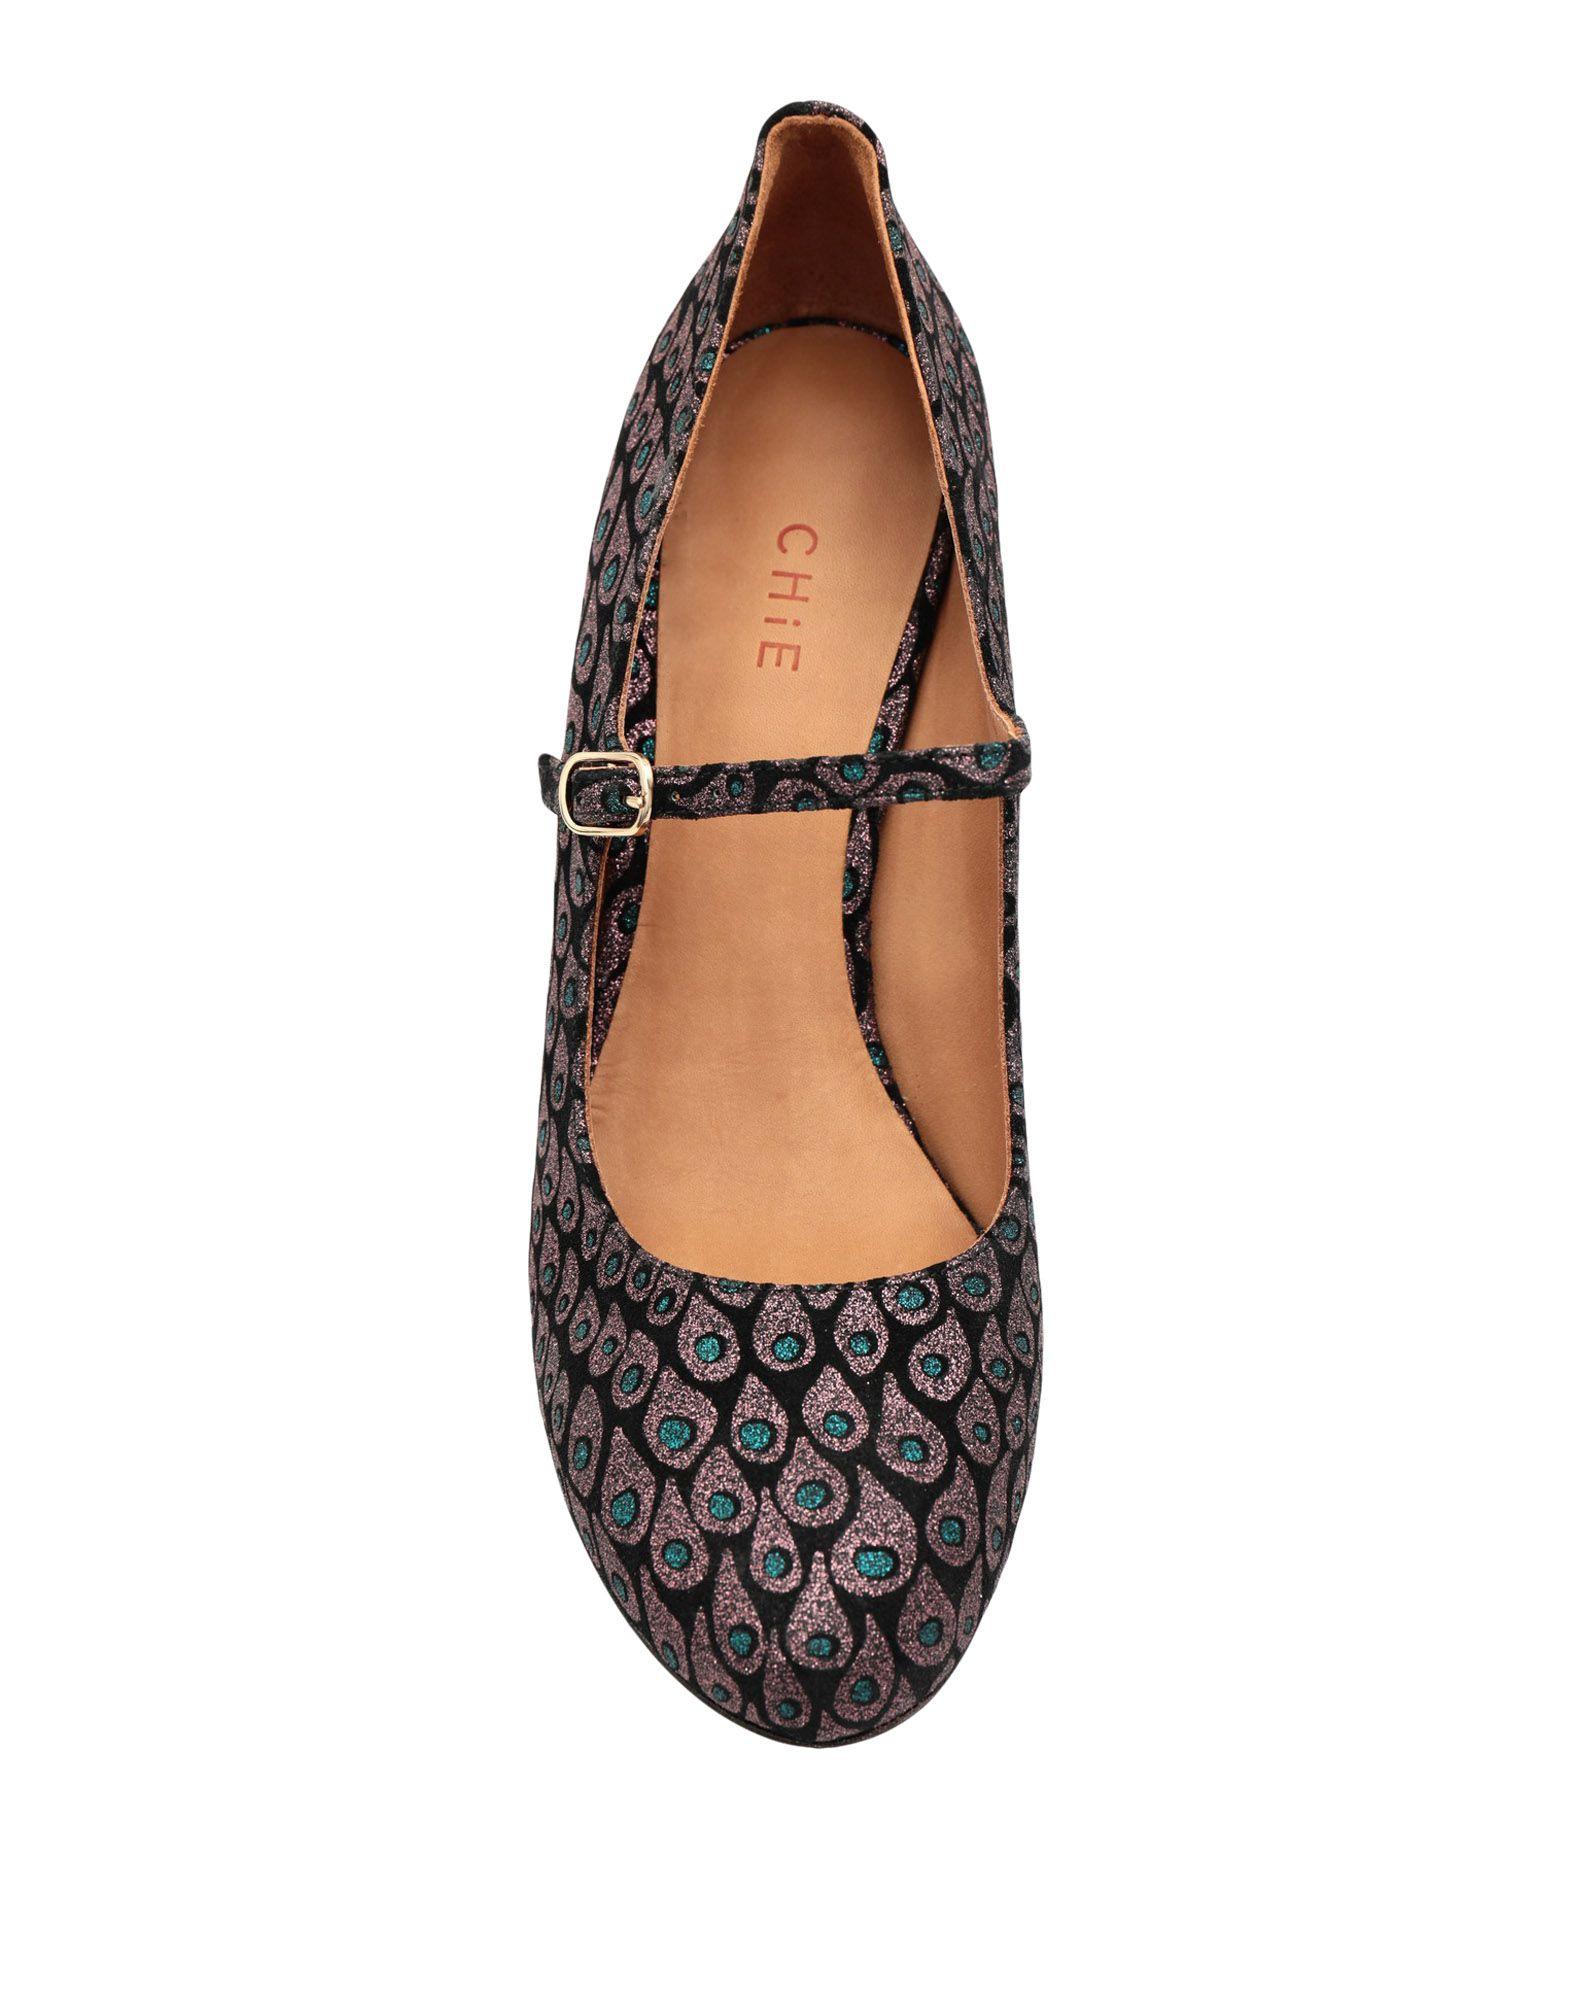 Rabatt Schuhe Chie Damen By Chie Mihara Pumps Damen Chie  11549467FV 57f40a